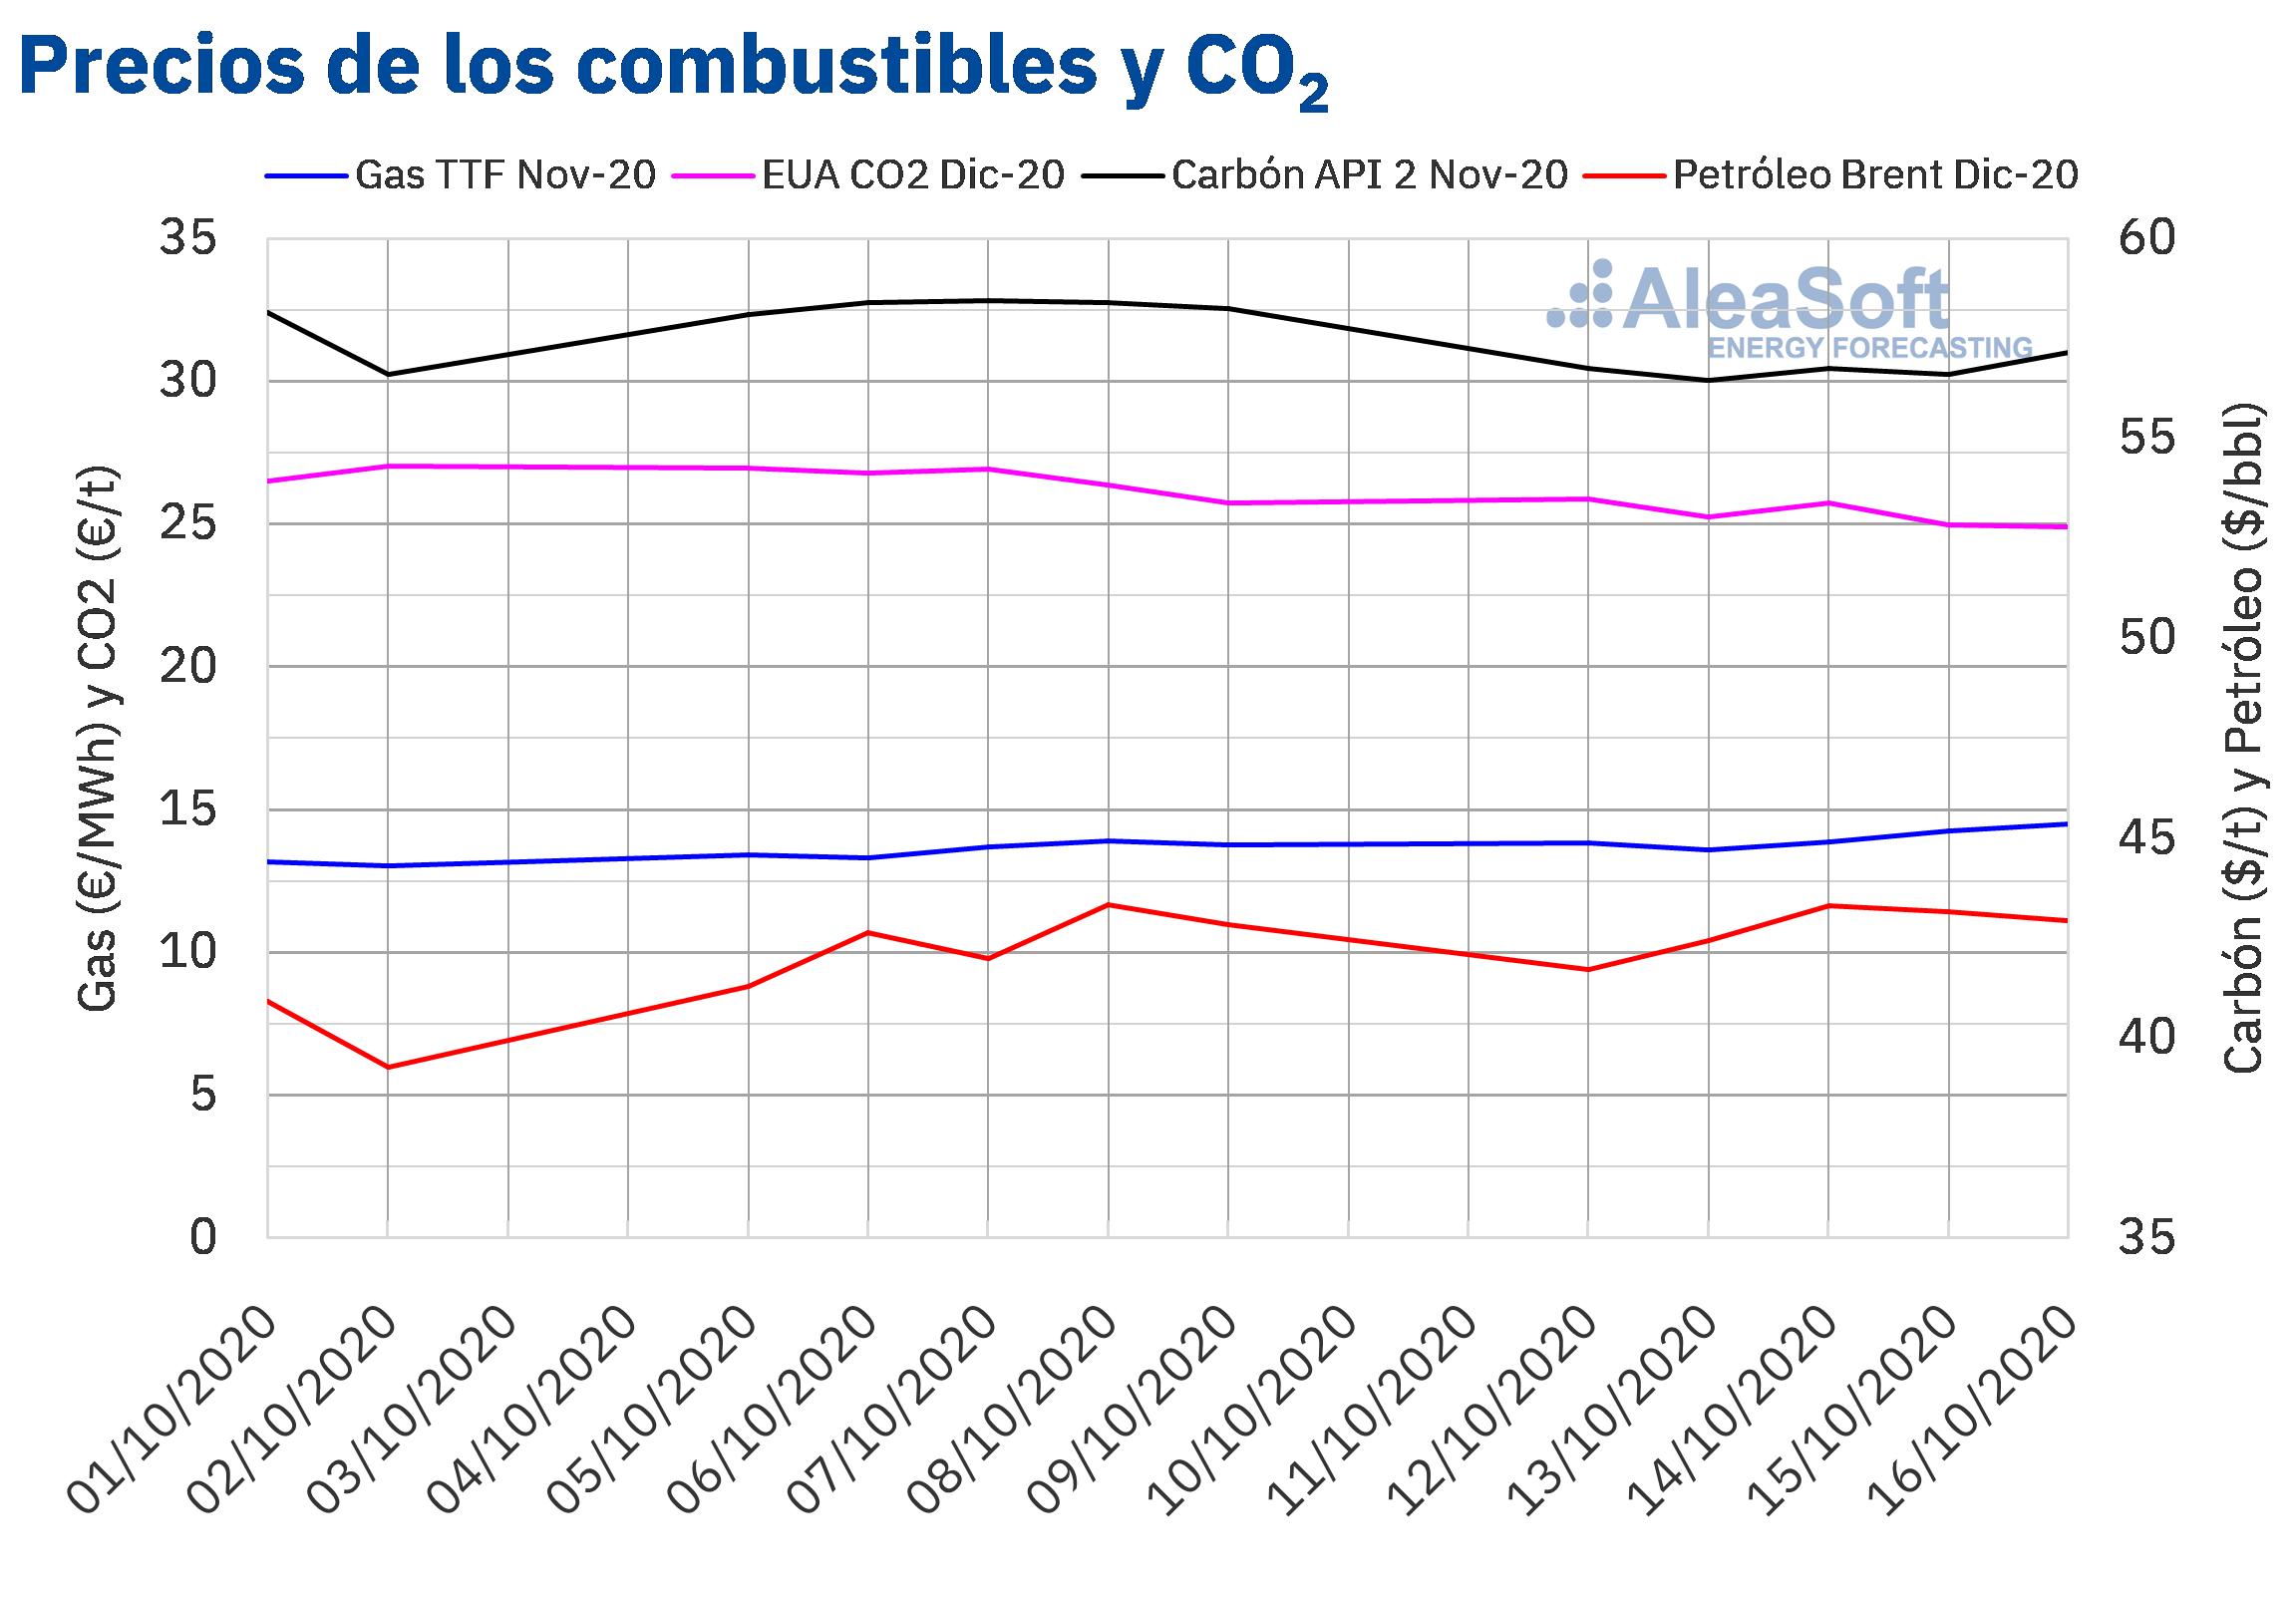 Fotografia Precios de gas, carbón, Brent y CO2